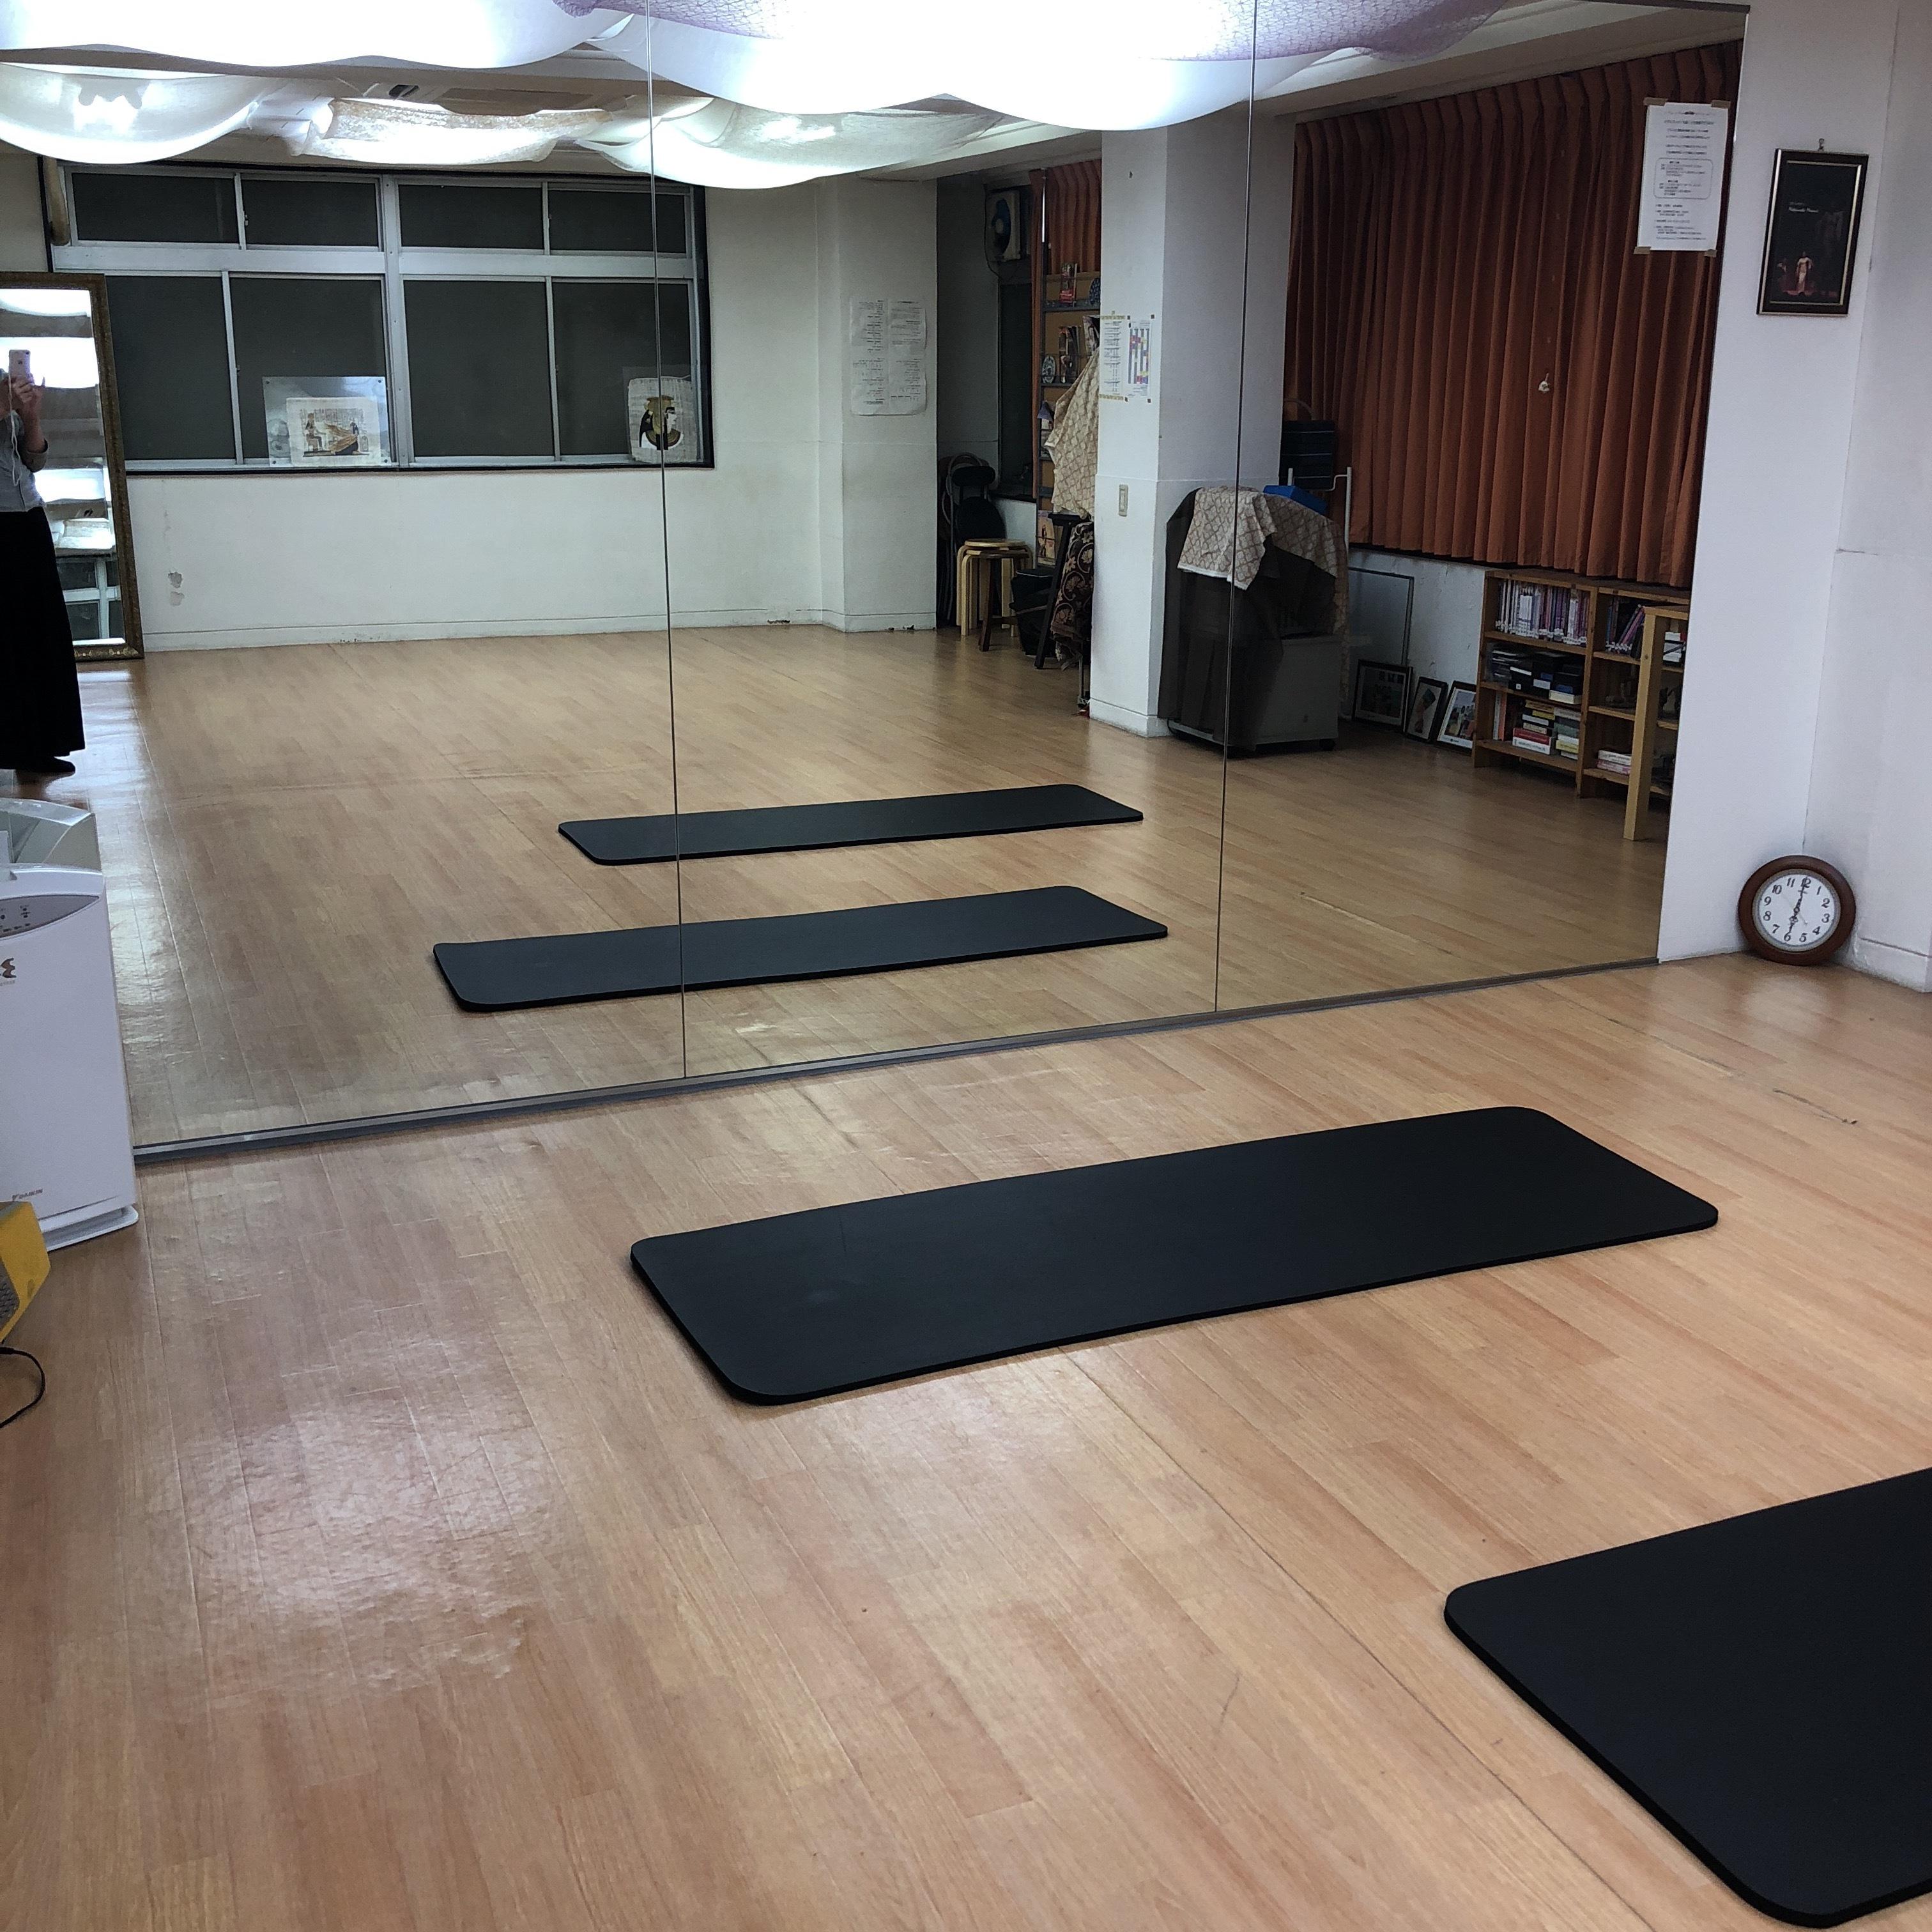 スタジオアラベスク レンタルスタジオの室内の写真